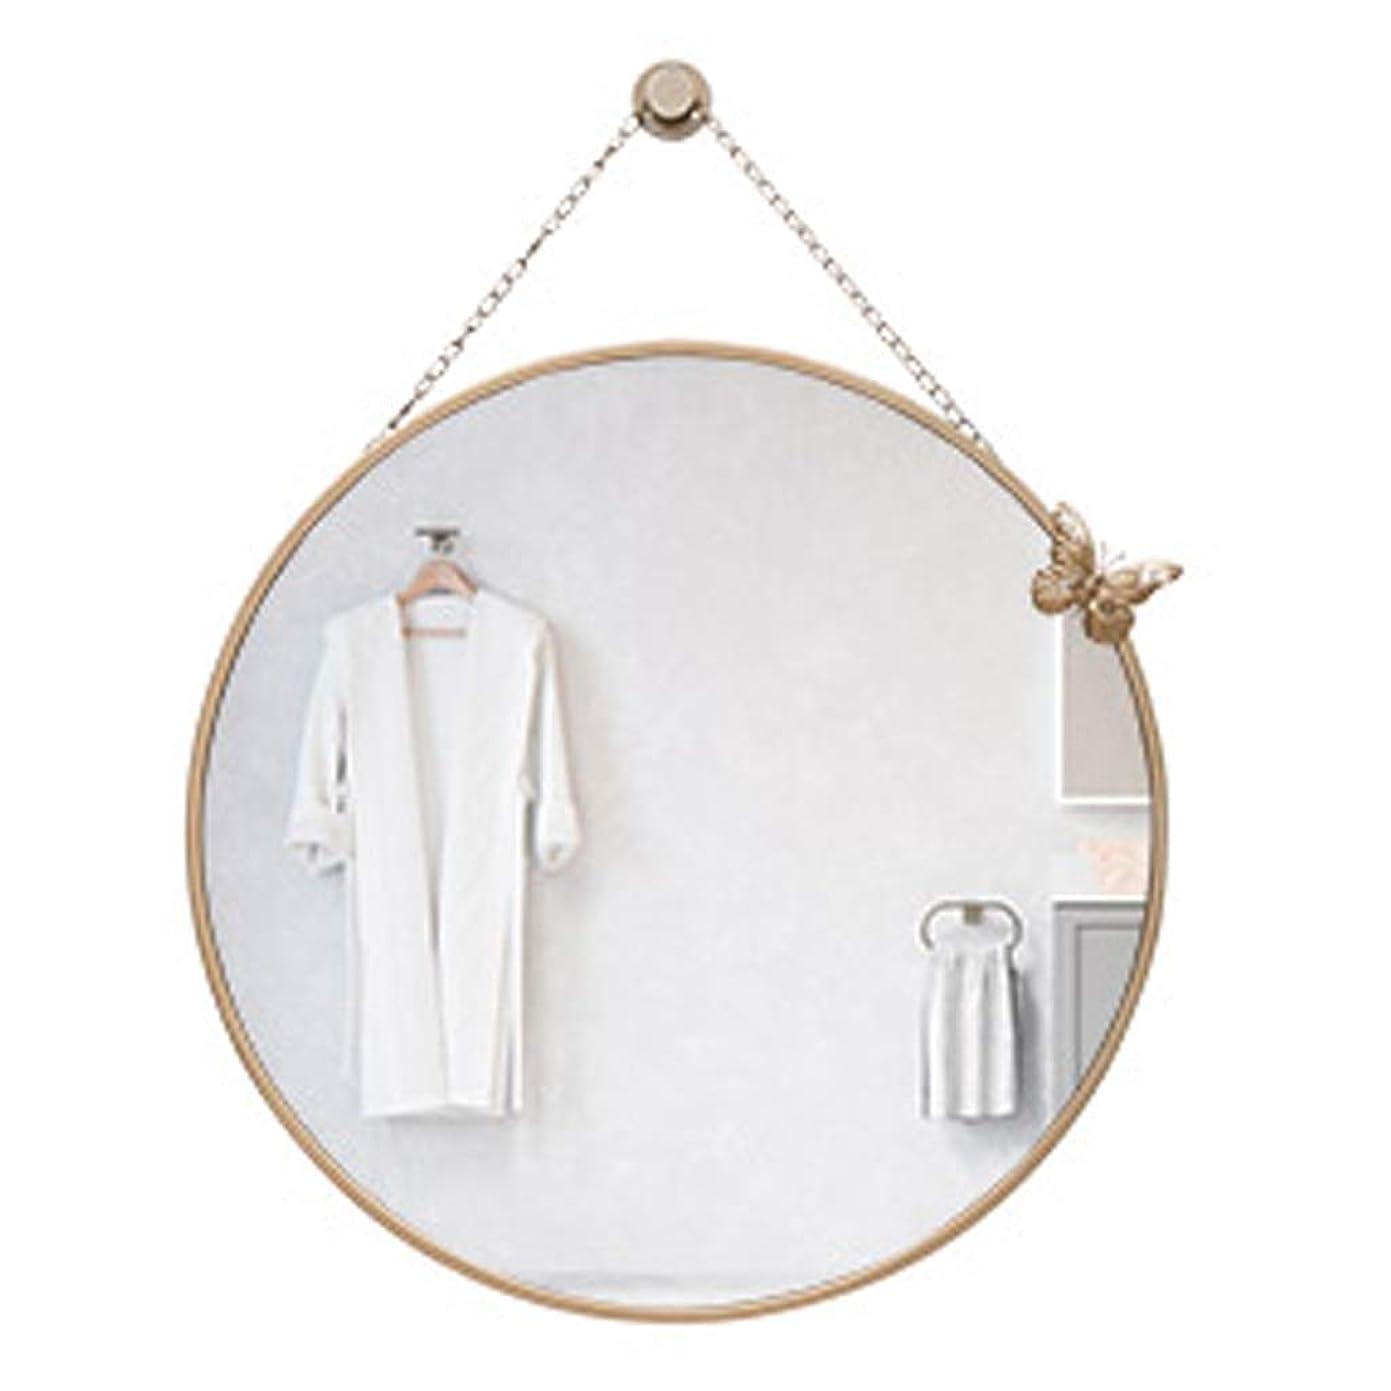 東部炎上パラナ川化粧鏡の壁掛け鉄製のチェーンの寝室のシンプルな化粧台ミラーシェービングミラーゴールドラウンド金属フレーム